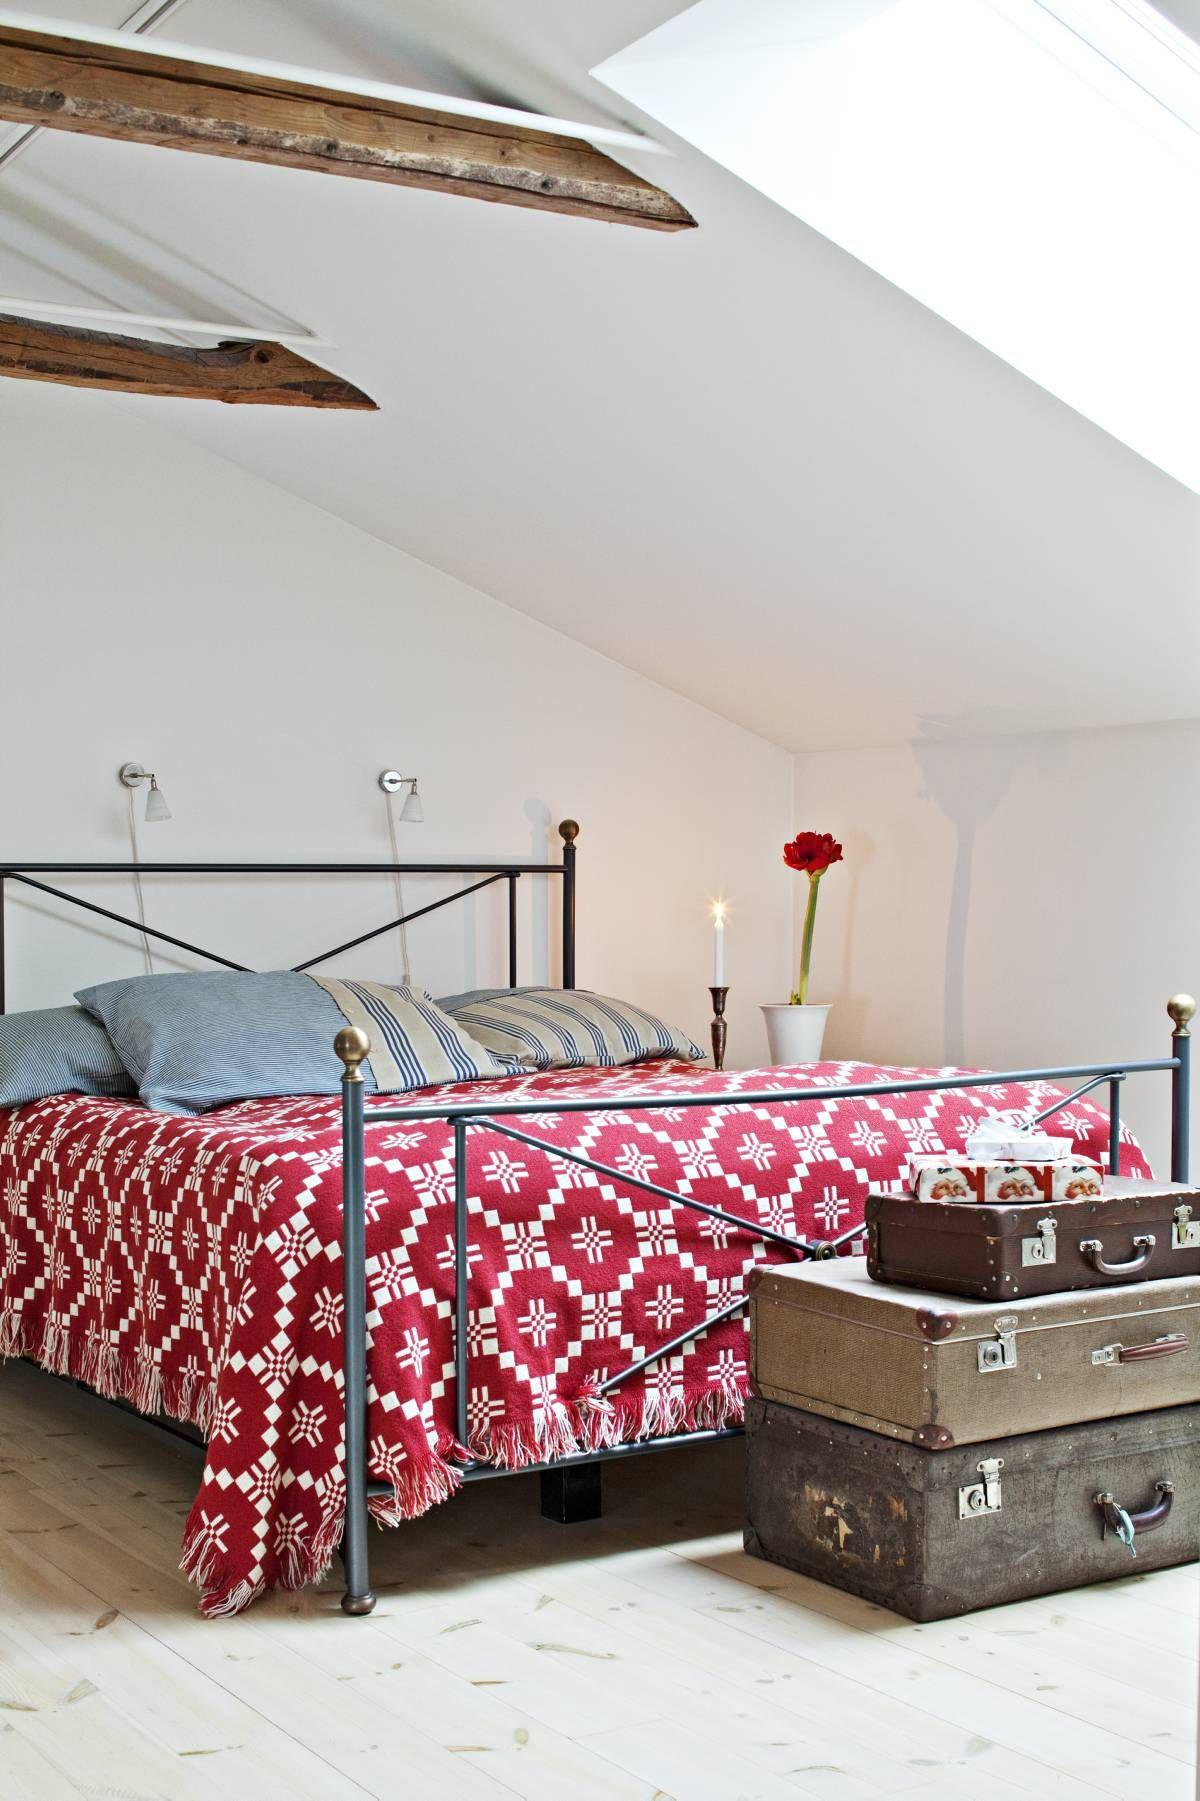 Tuulan ja Tomasin sängyn edustalla komeilee vanhoja matkalaukkuja. Niitä on kerätty vuosien mittaan kirppiksiltä.